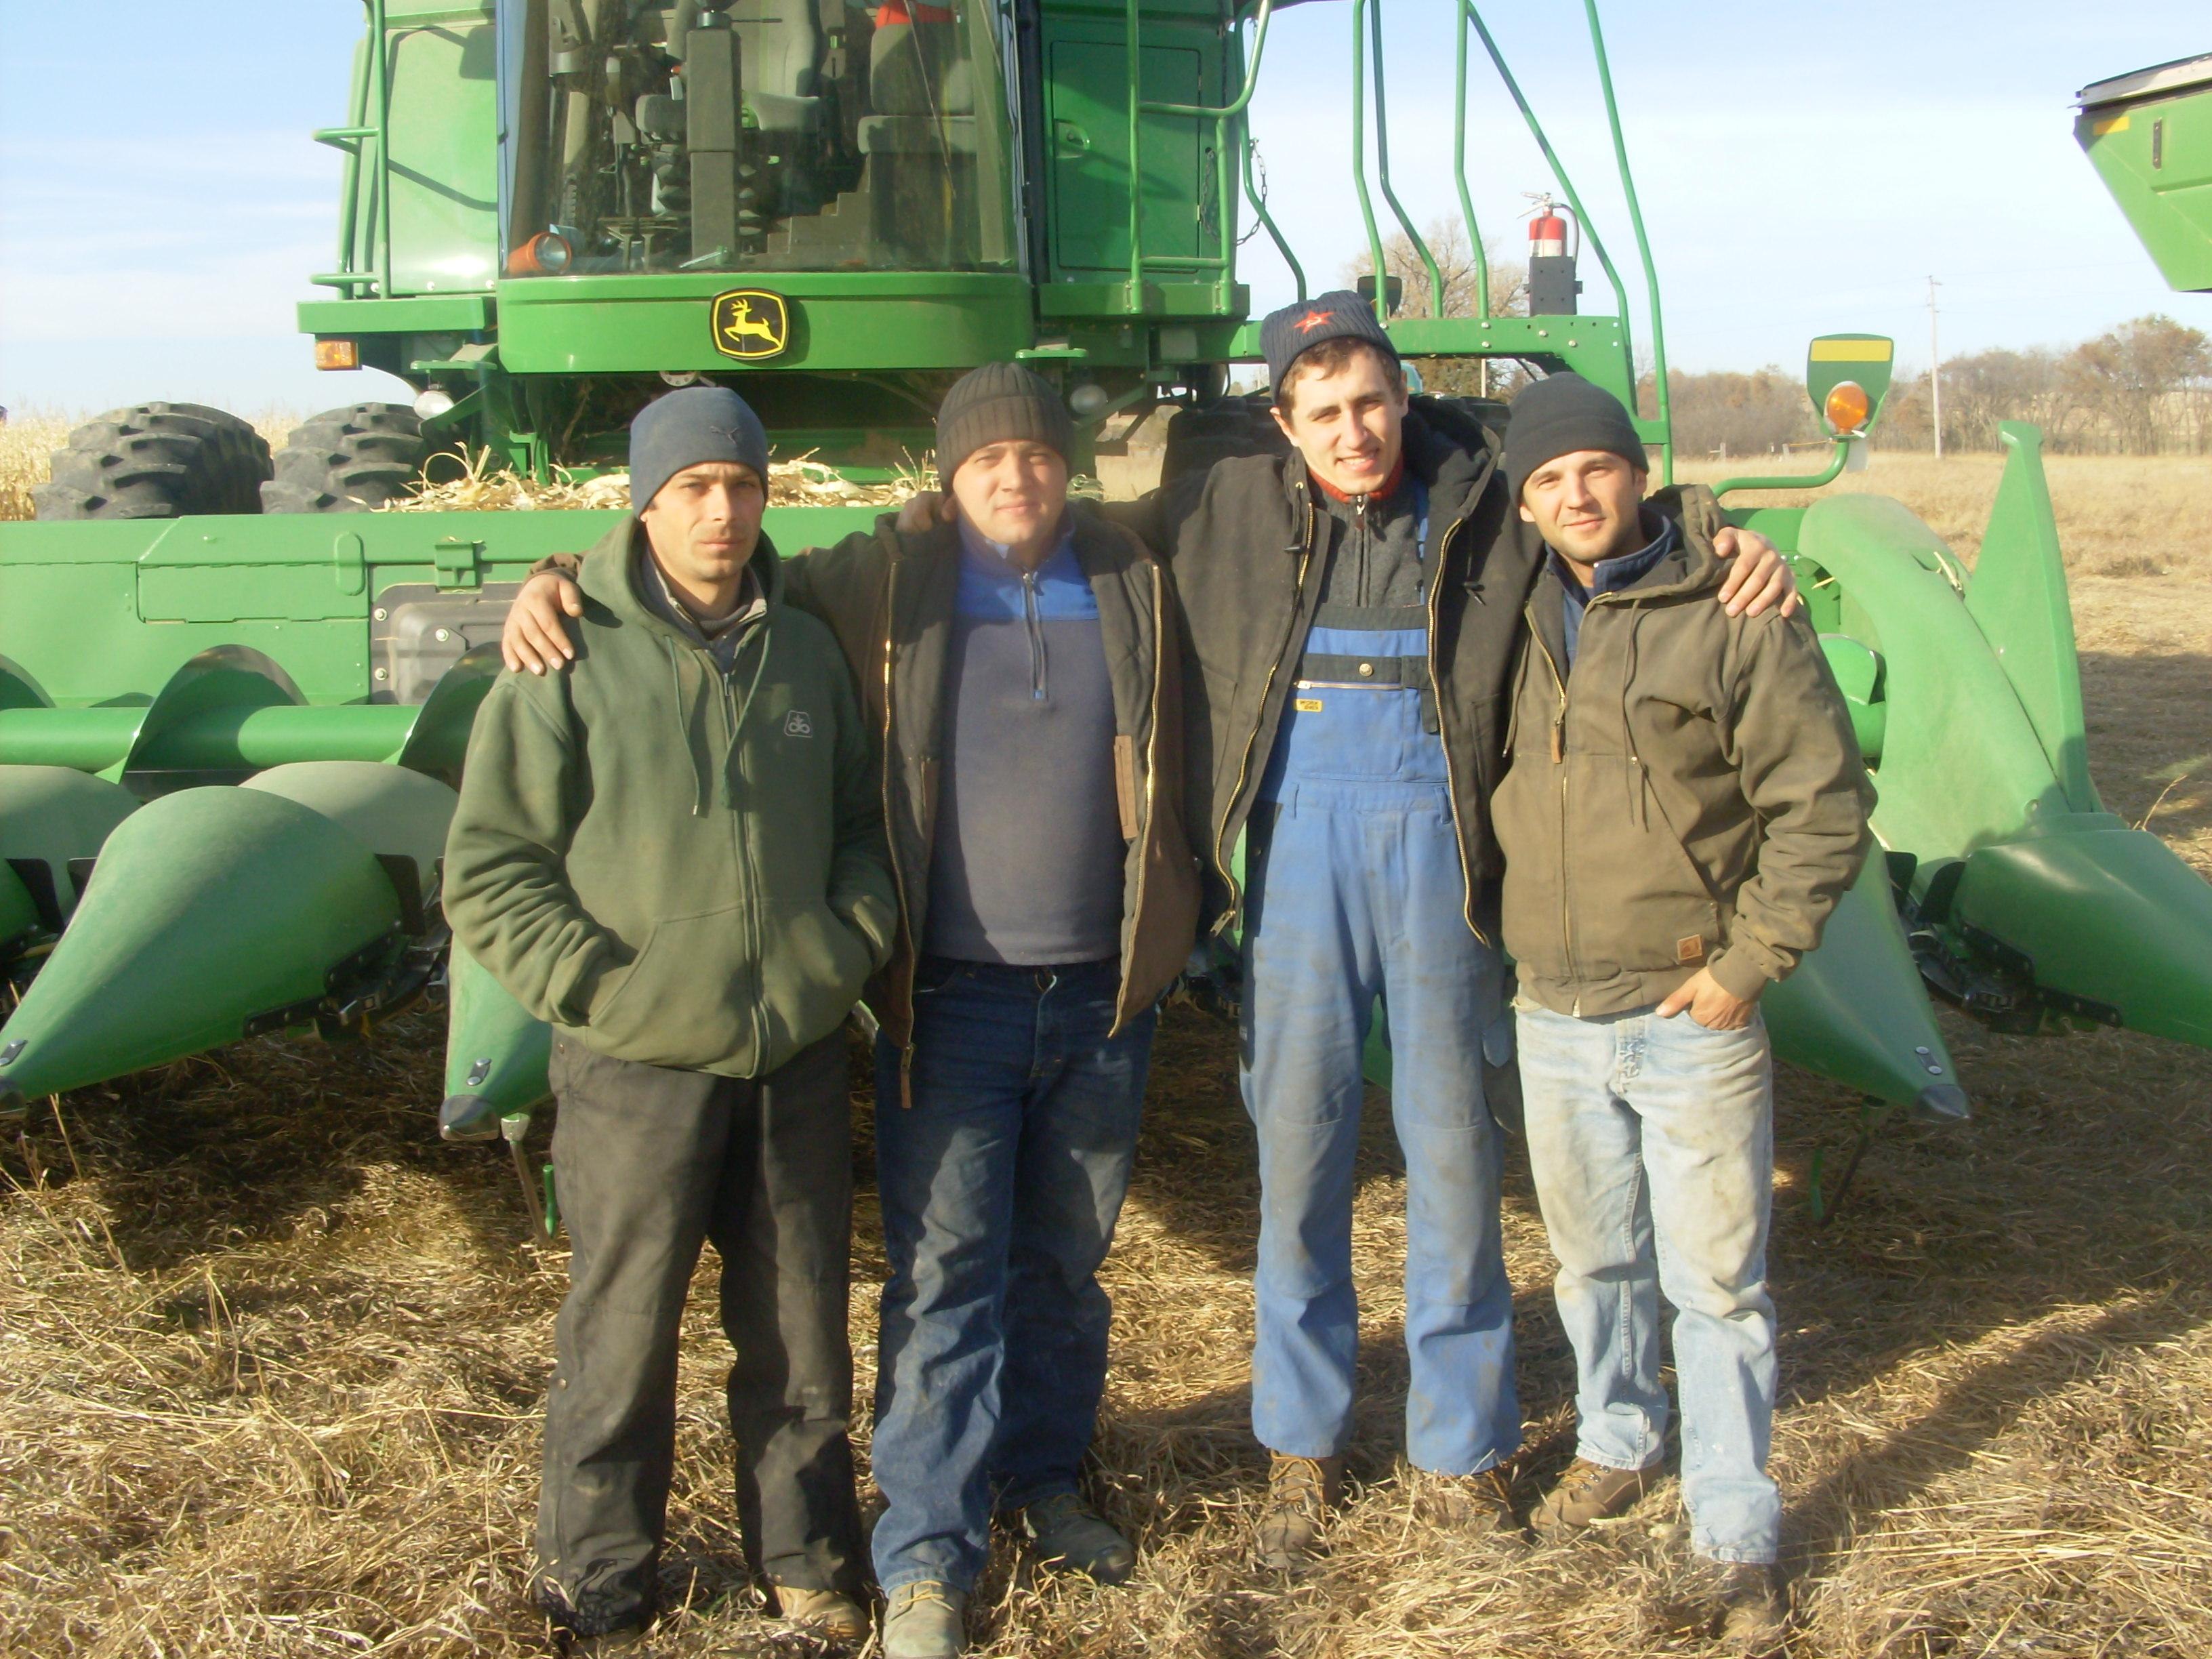 2011 Intern at Mitch Kinnschtzke Farms